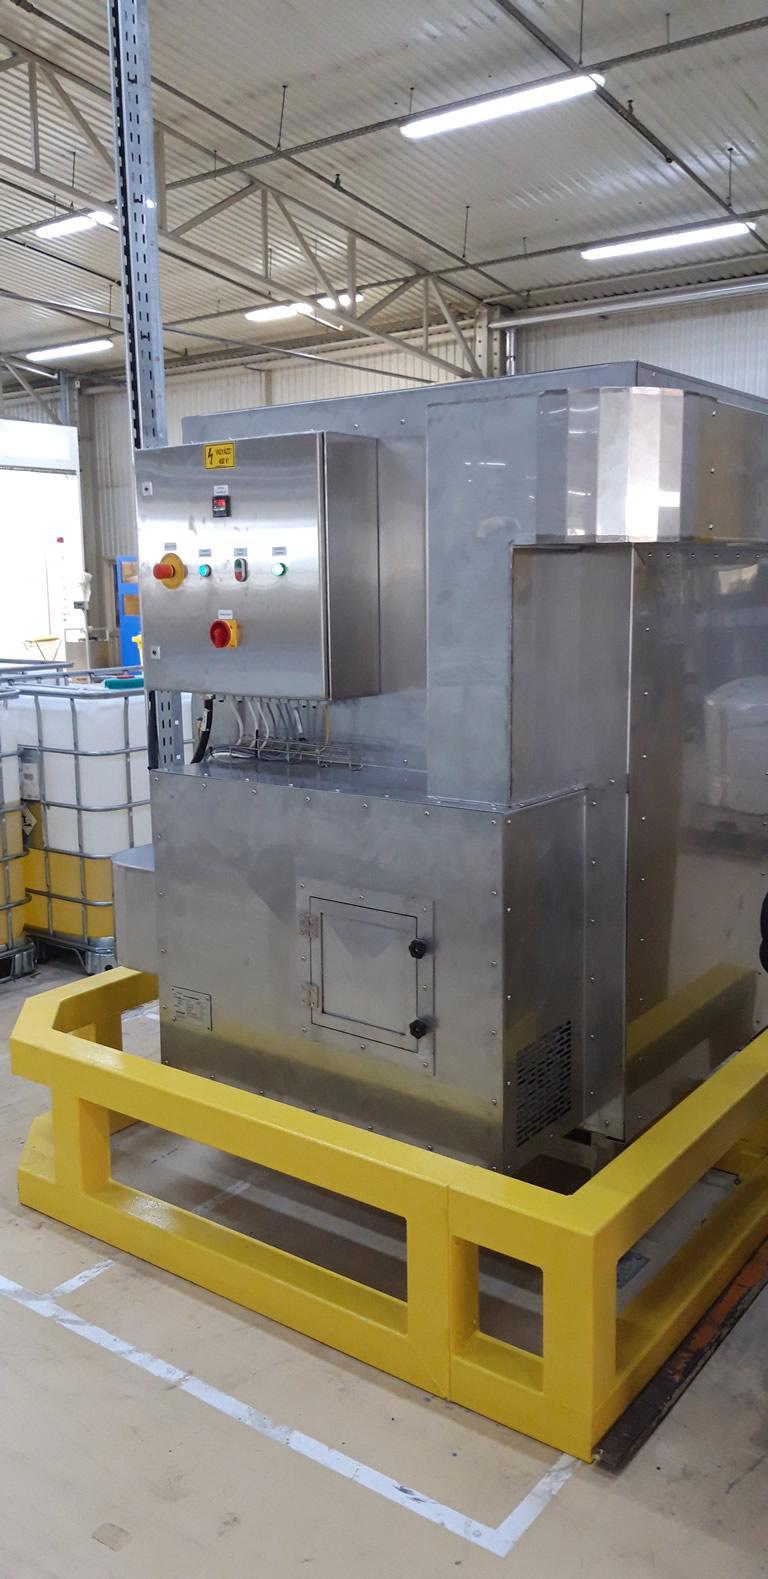 Hőntartó kamra hátoldala a vezérléssel, elektromos panelekkel